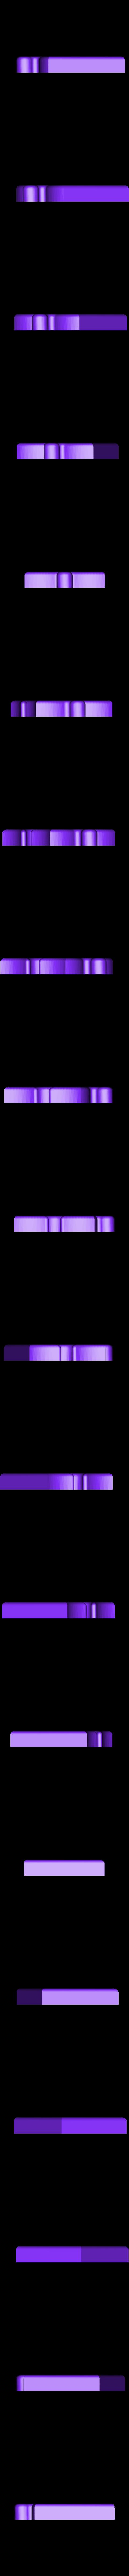 Cell_Puzzle_Bottom-Right.STL Télécharger fichier STL gratuit Échecs démoctratiques • Modèle à imprimer en 3D, Ghashnarb